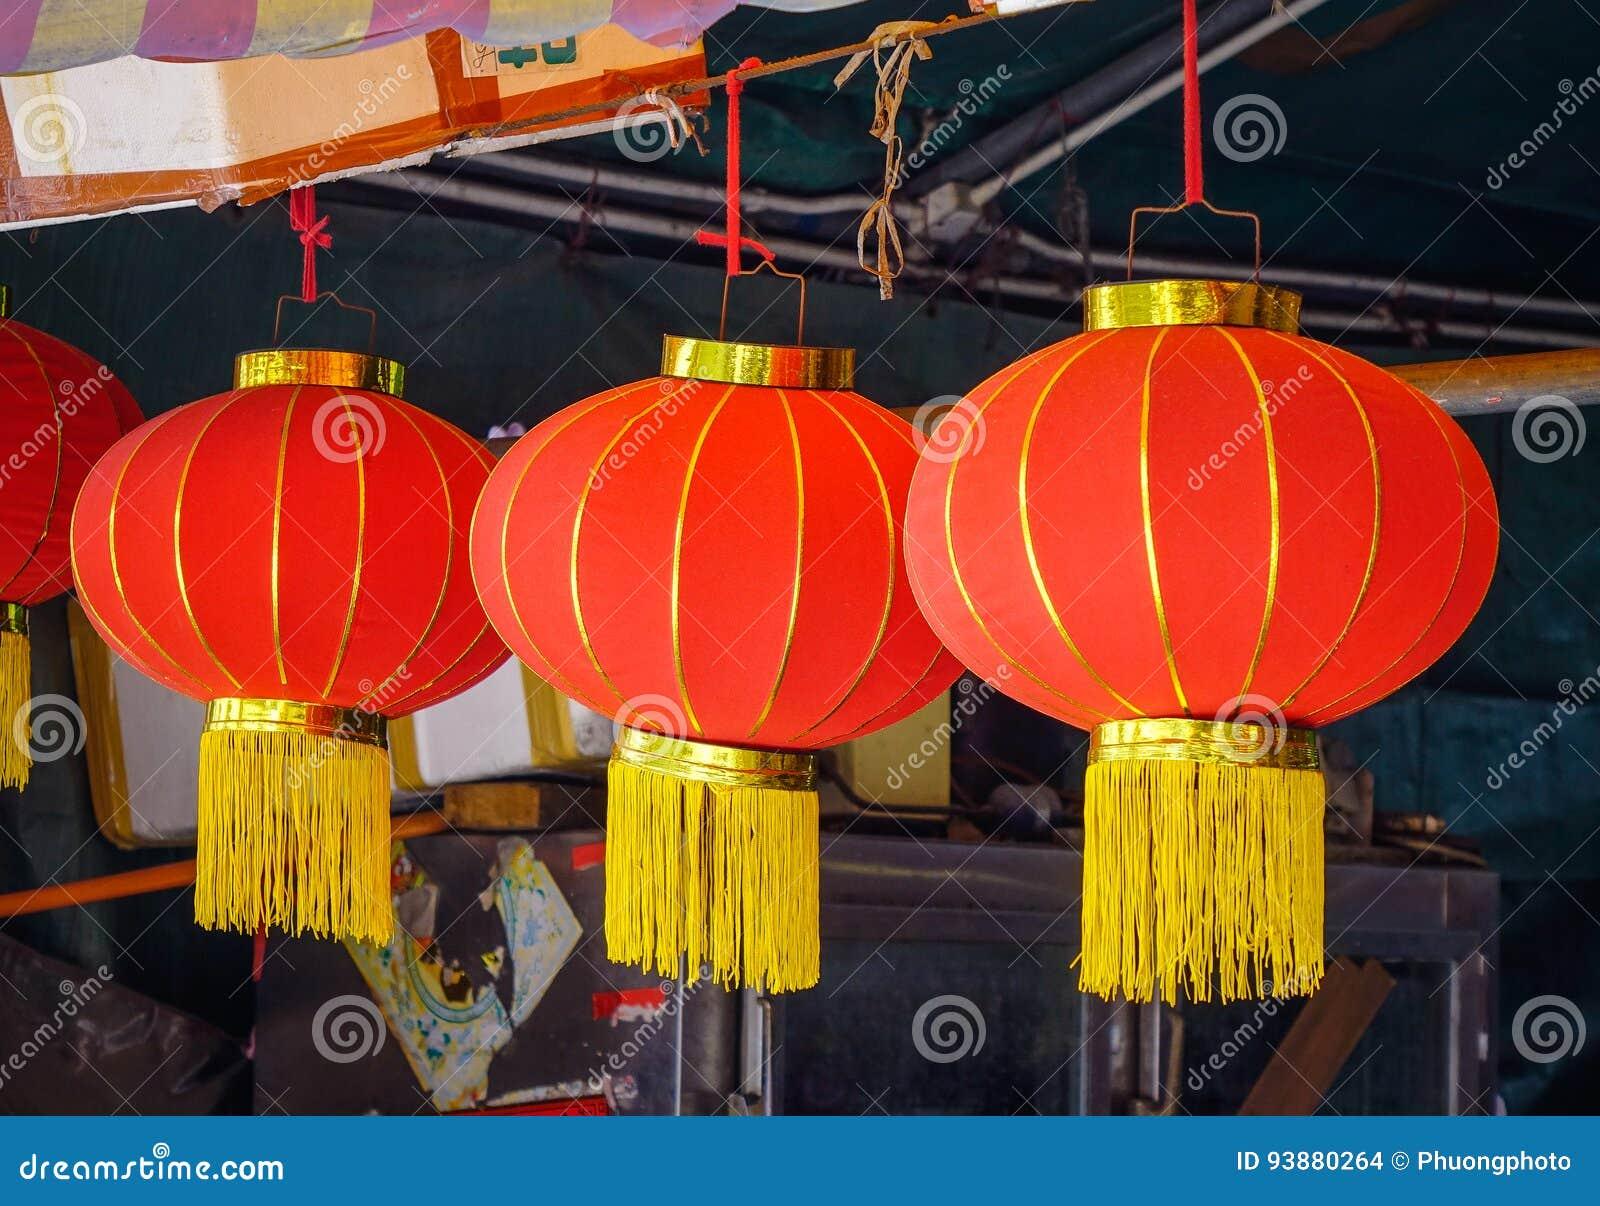 Decorazioni Con Lanterne Cinesi : Lanterne cinesi per la decorazione fotografia stock immagine di